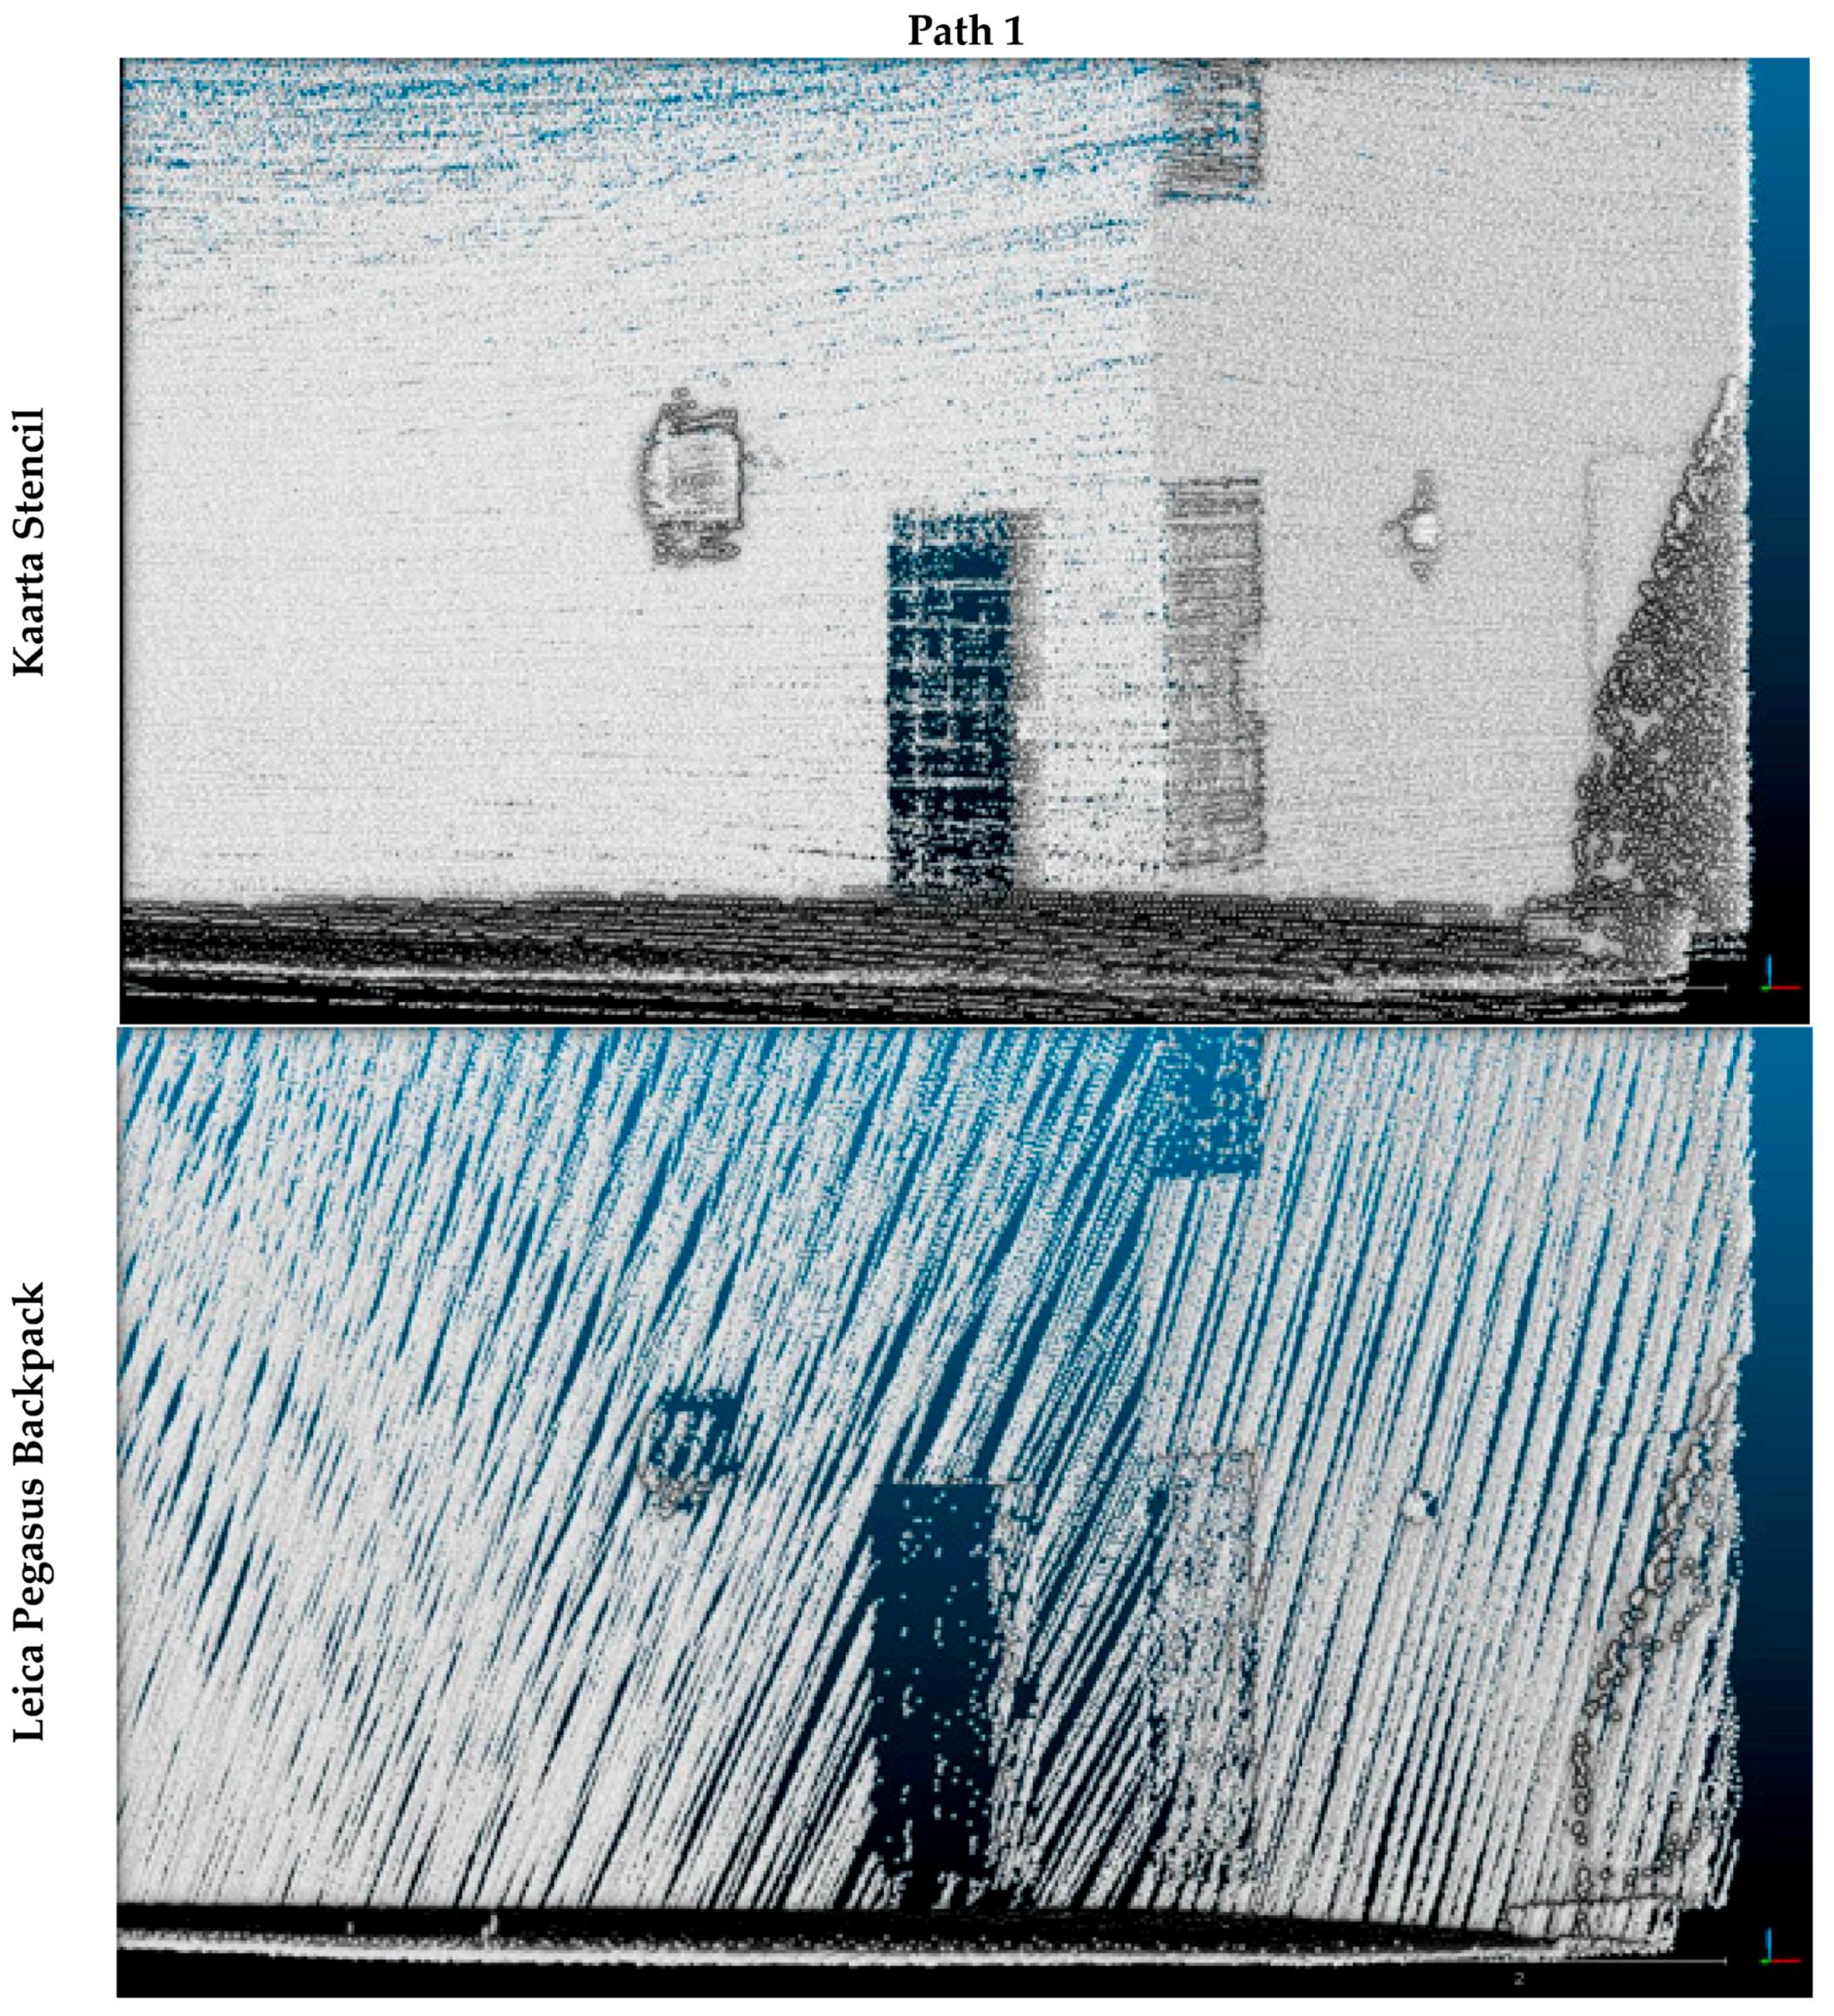 indoor cloud point, indoor waterpark, indoor mobile, indoor landscape, indoor map depth, indoor home, on indoor mapping leica pegasus